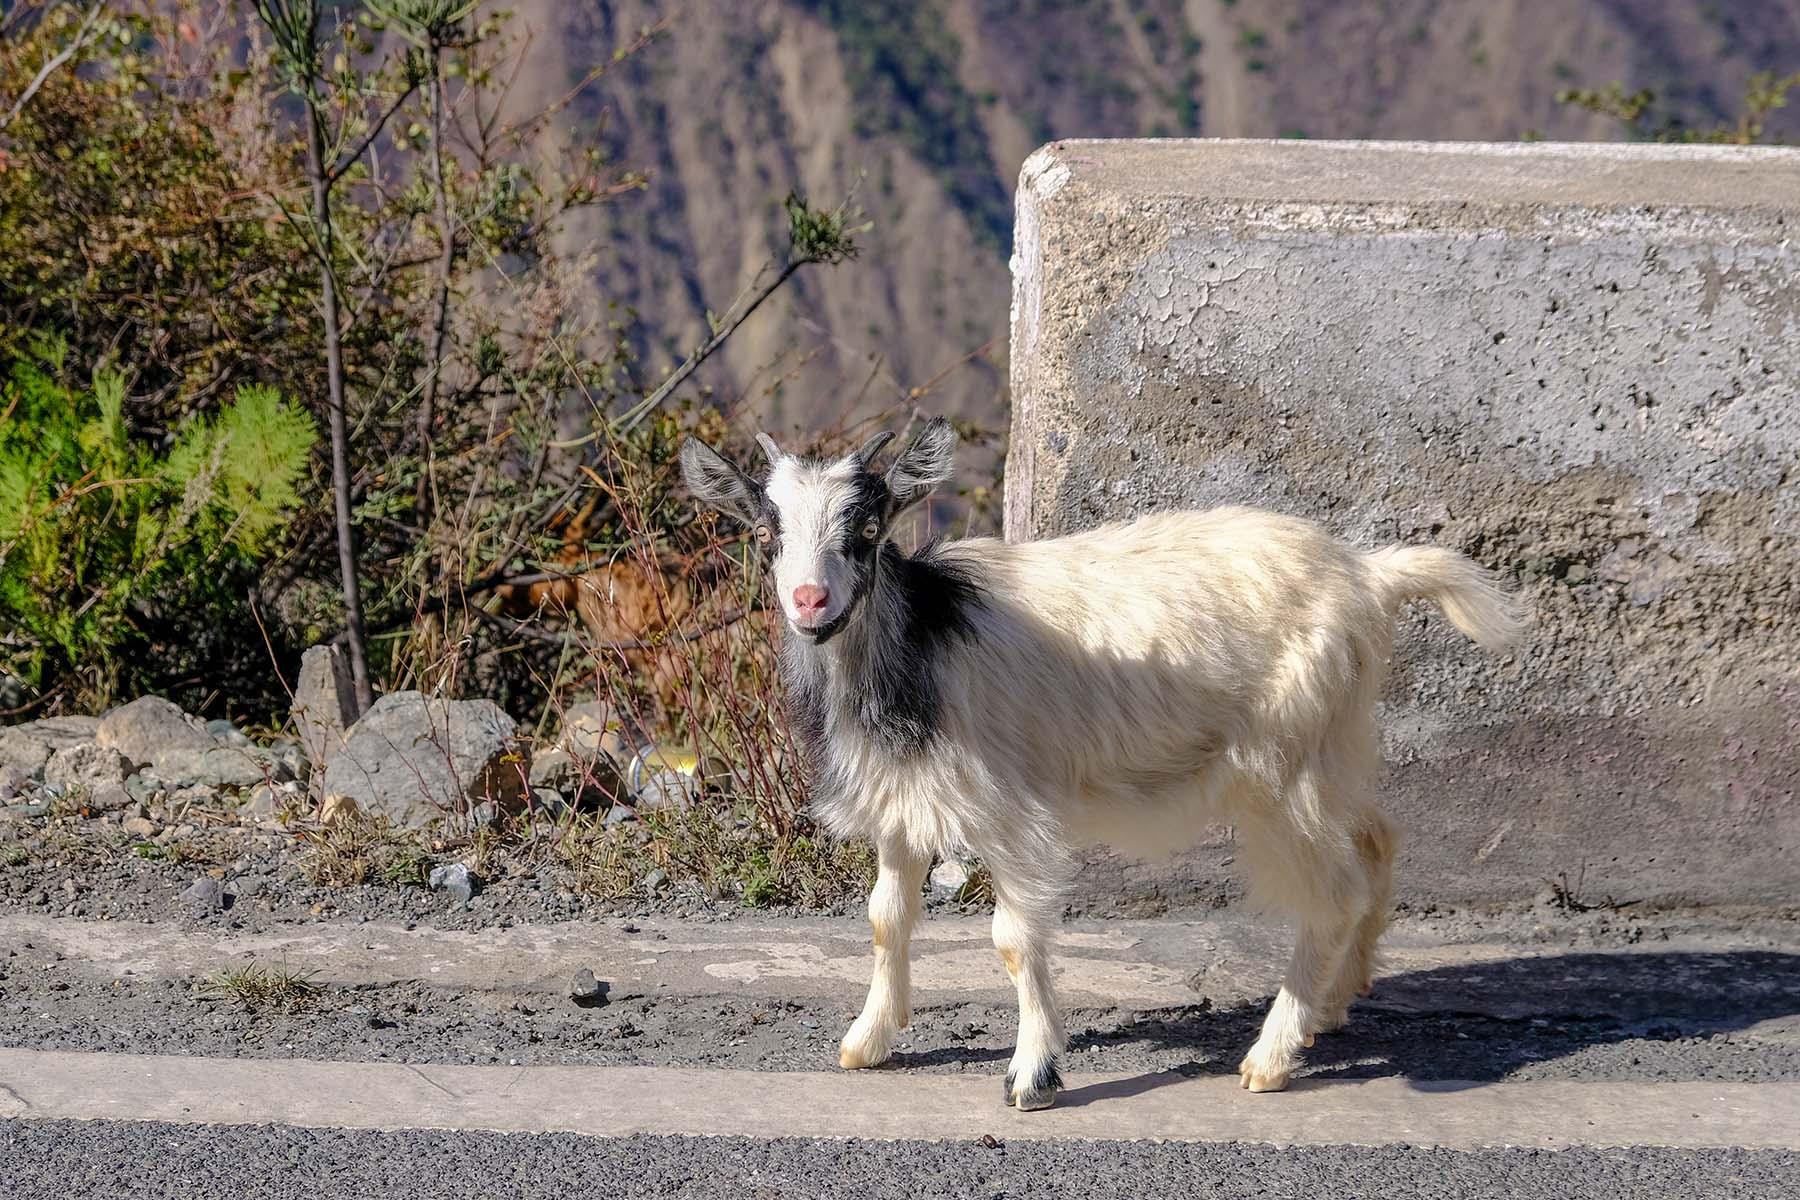 Ziege am Straßenrand in den Bergen in Yunnan, China